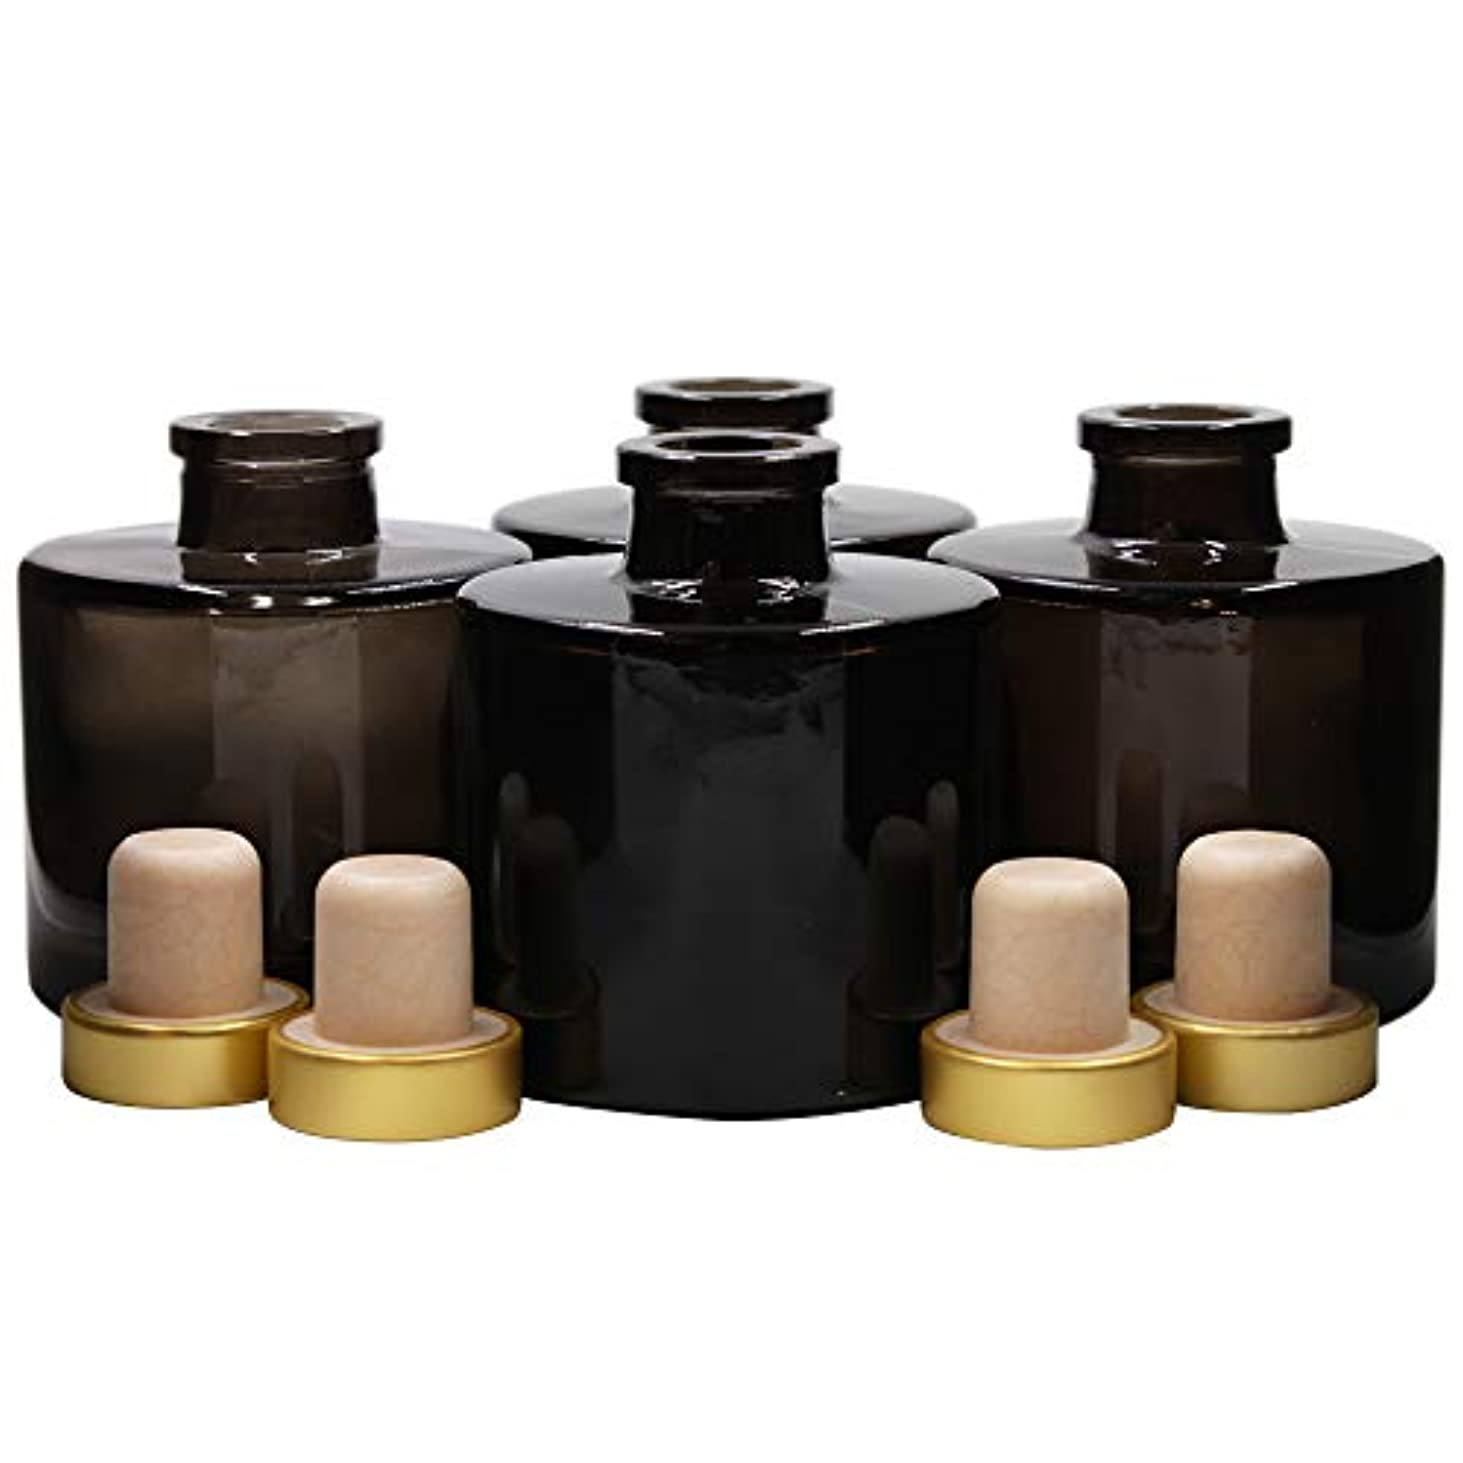 ホップ競争うまれたFeel Fragrance リードディフューザー用 リードディフューザーボトル 容器 黒色 蓋付き 4本セット (100ML円形)